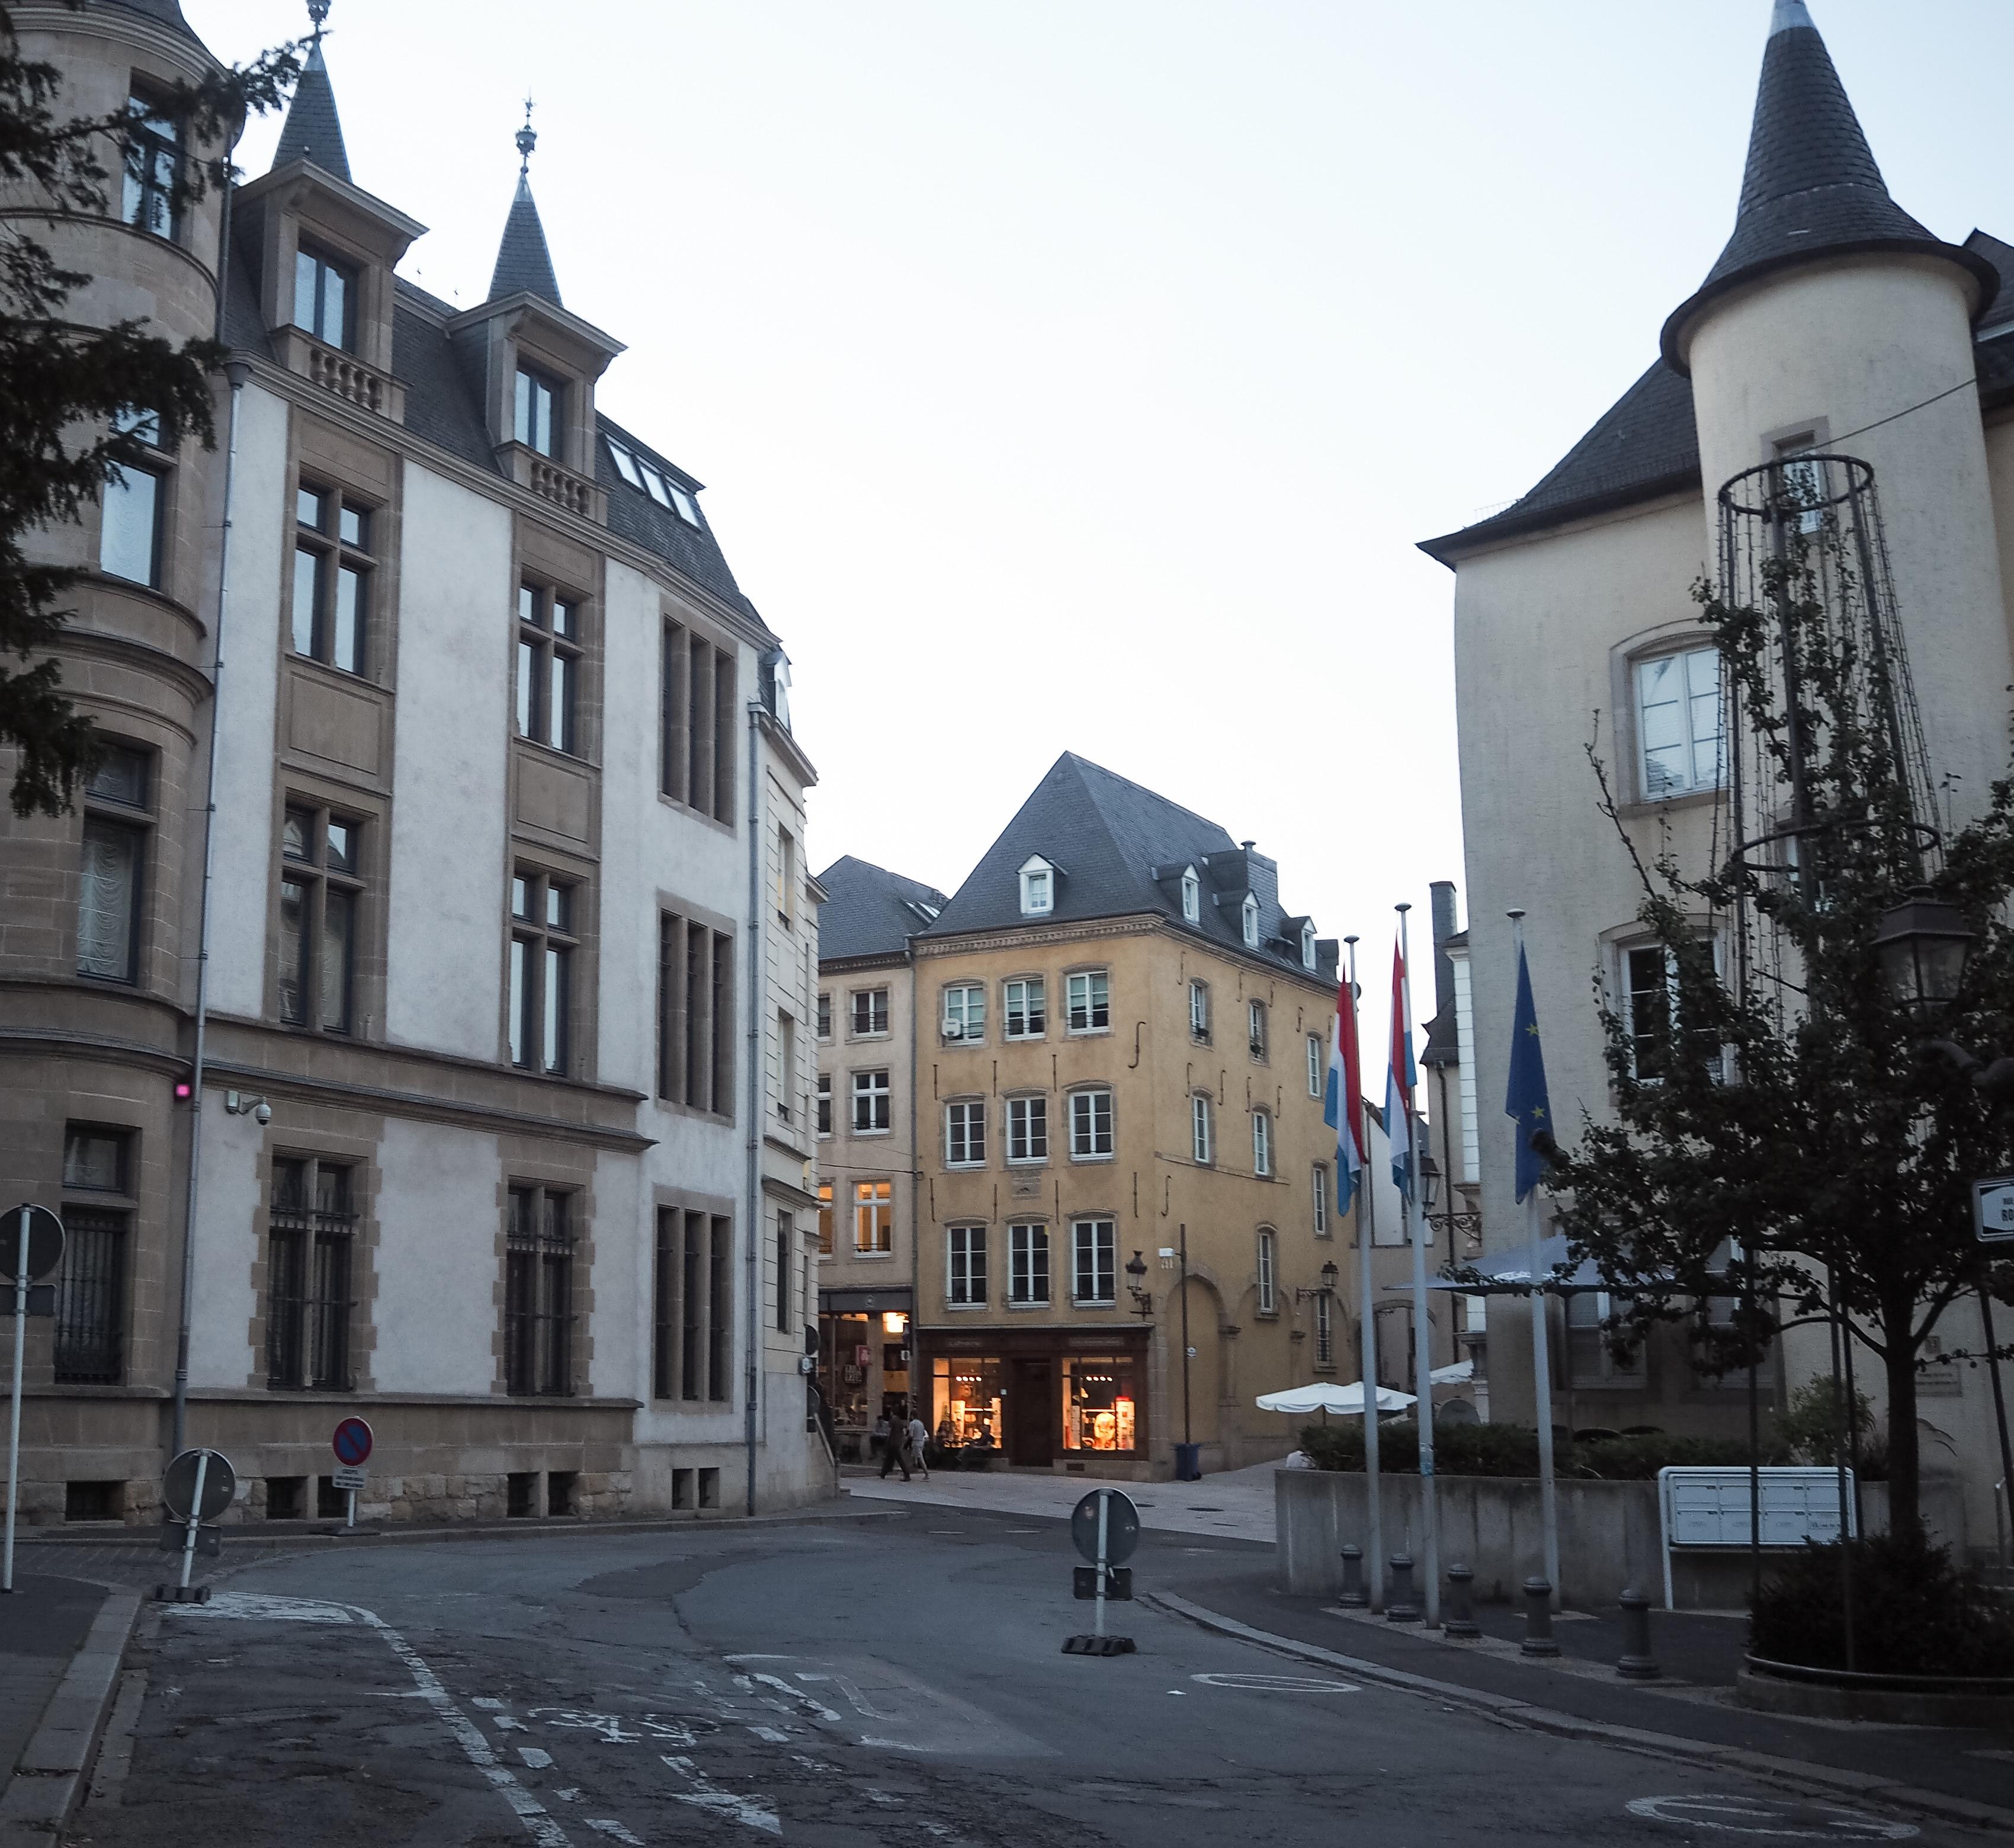 Blick auf die Innenstadt von Luxemburg.